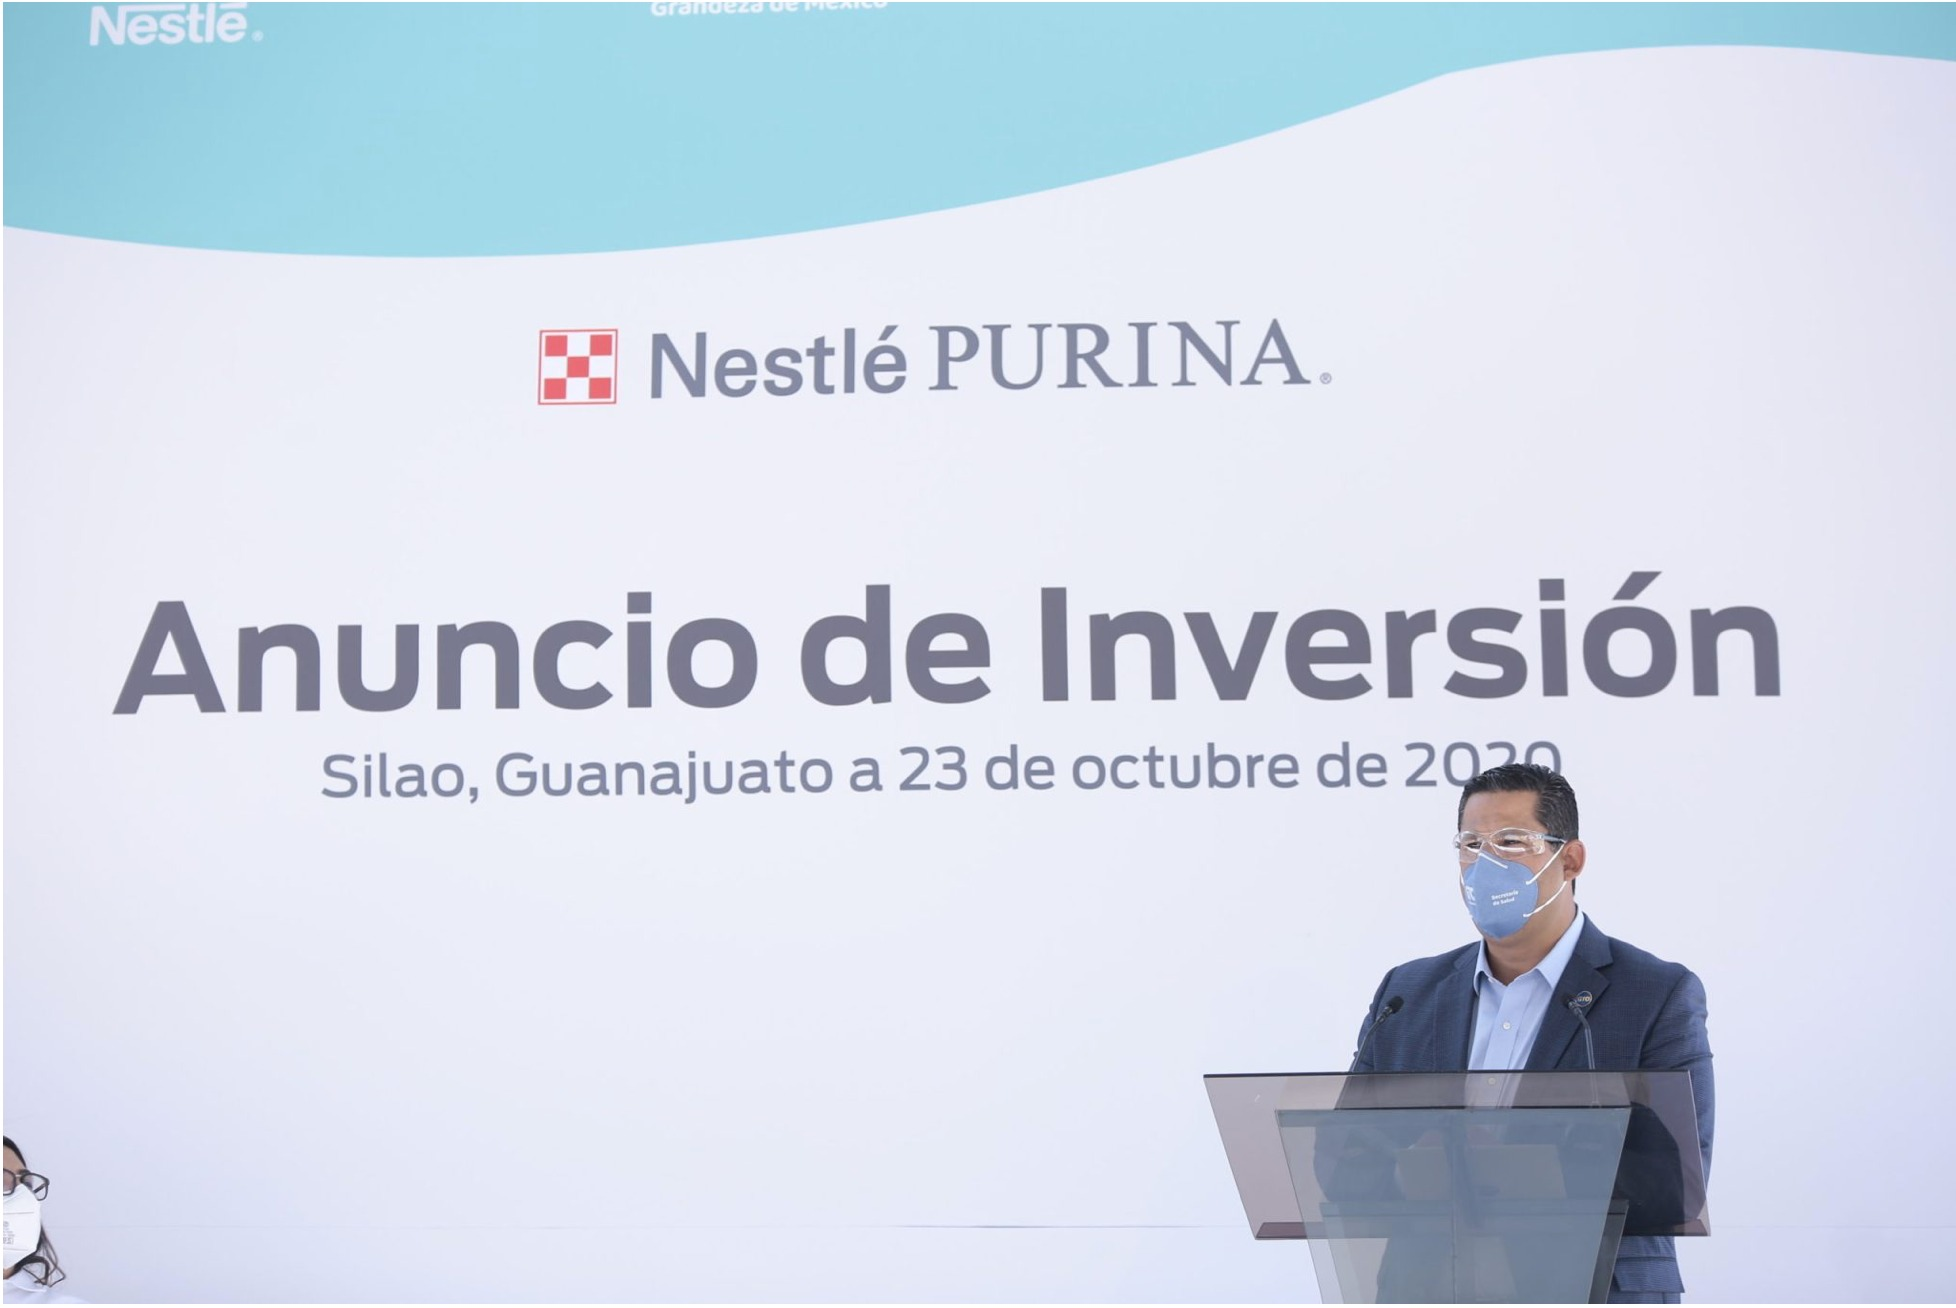 Nestlé to invest US$160 million in Guanajuato